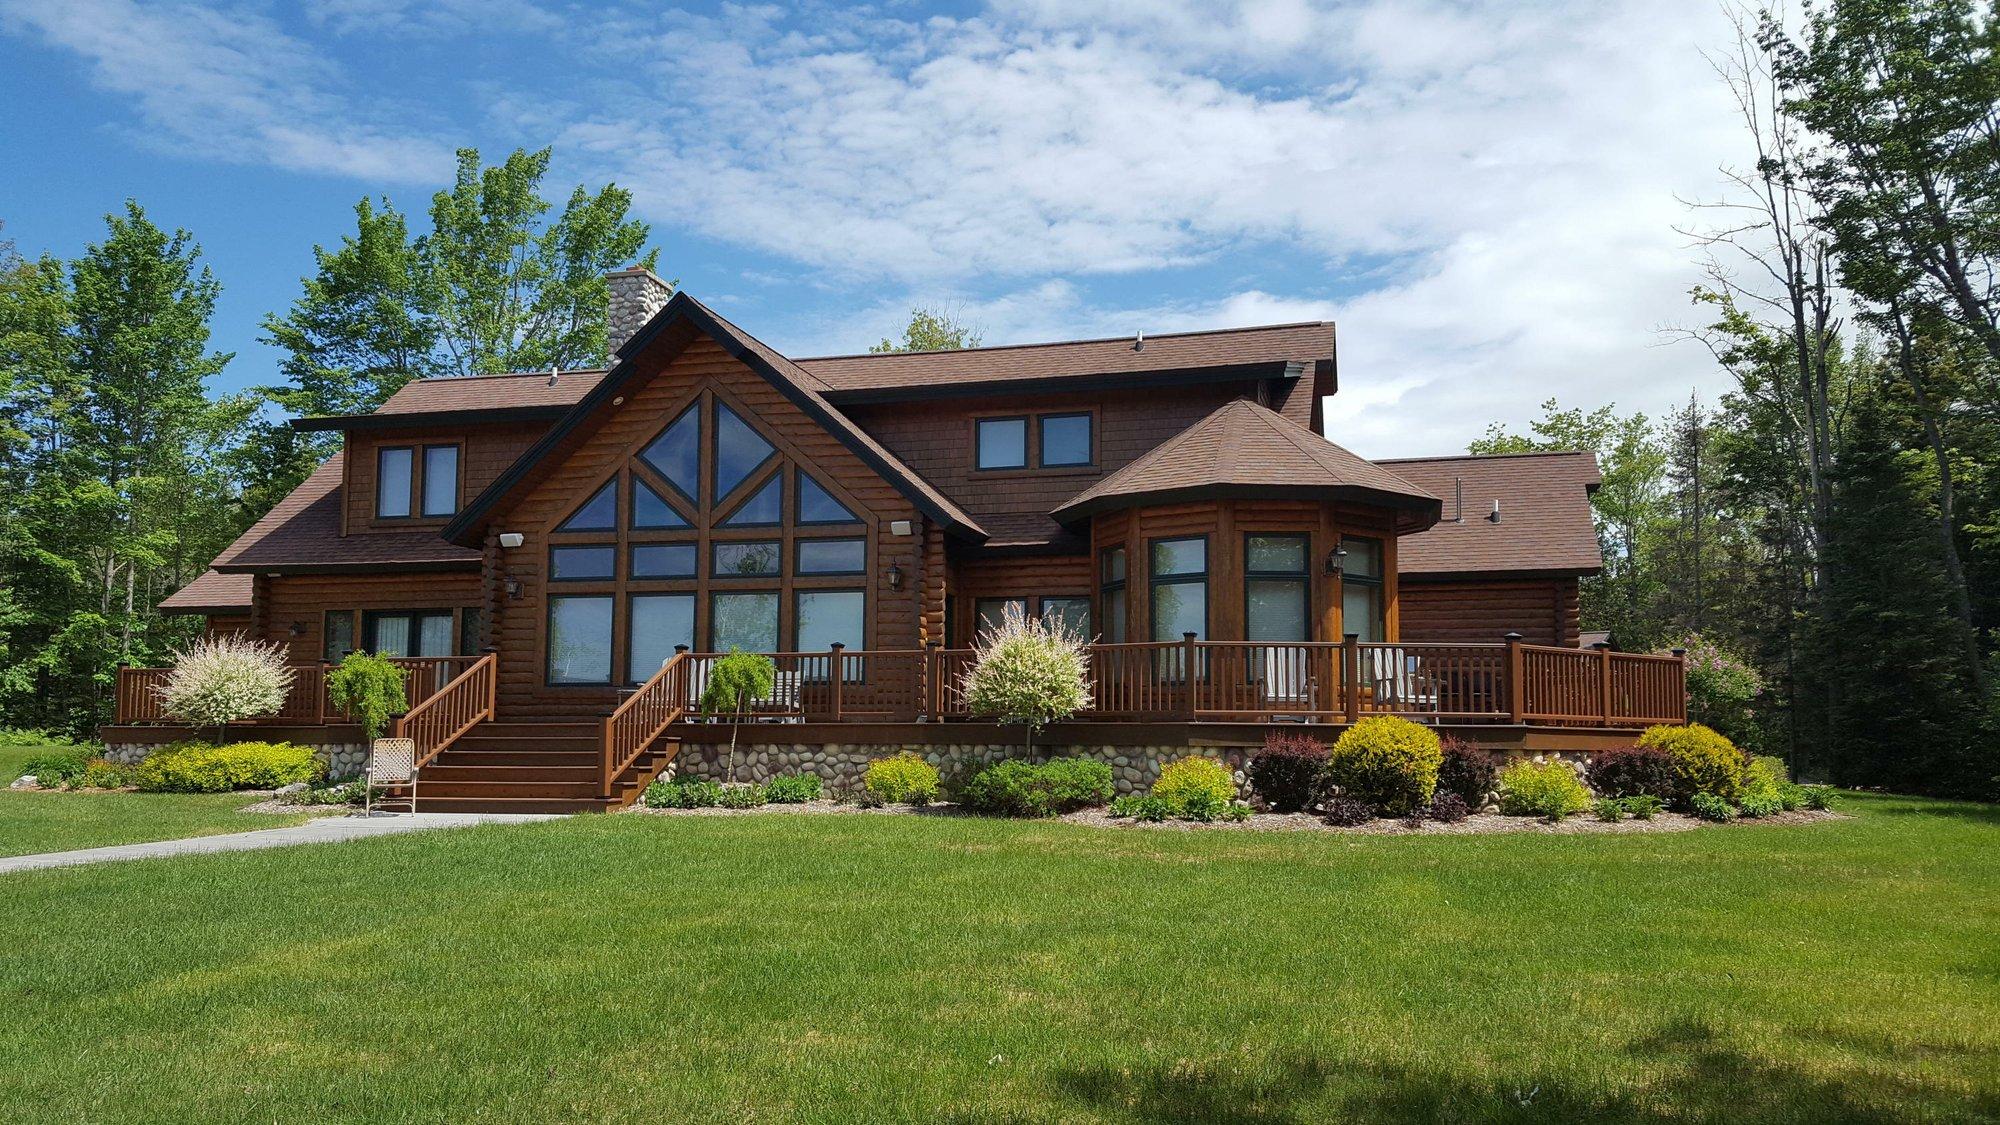 Casa en Brevort, Míchigan, Estados Unidos 1 - 11449625